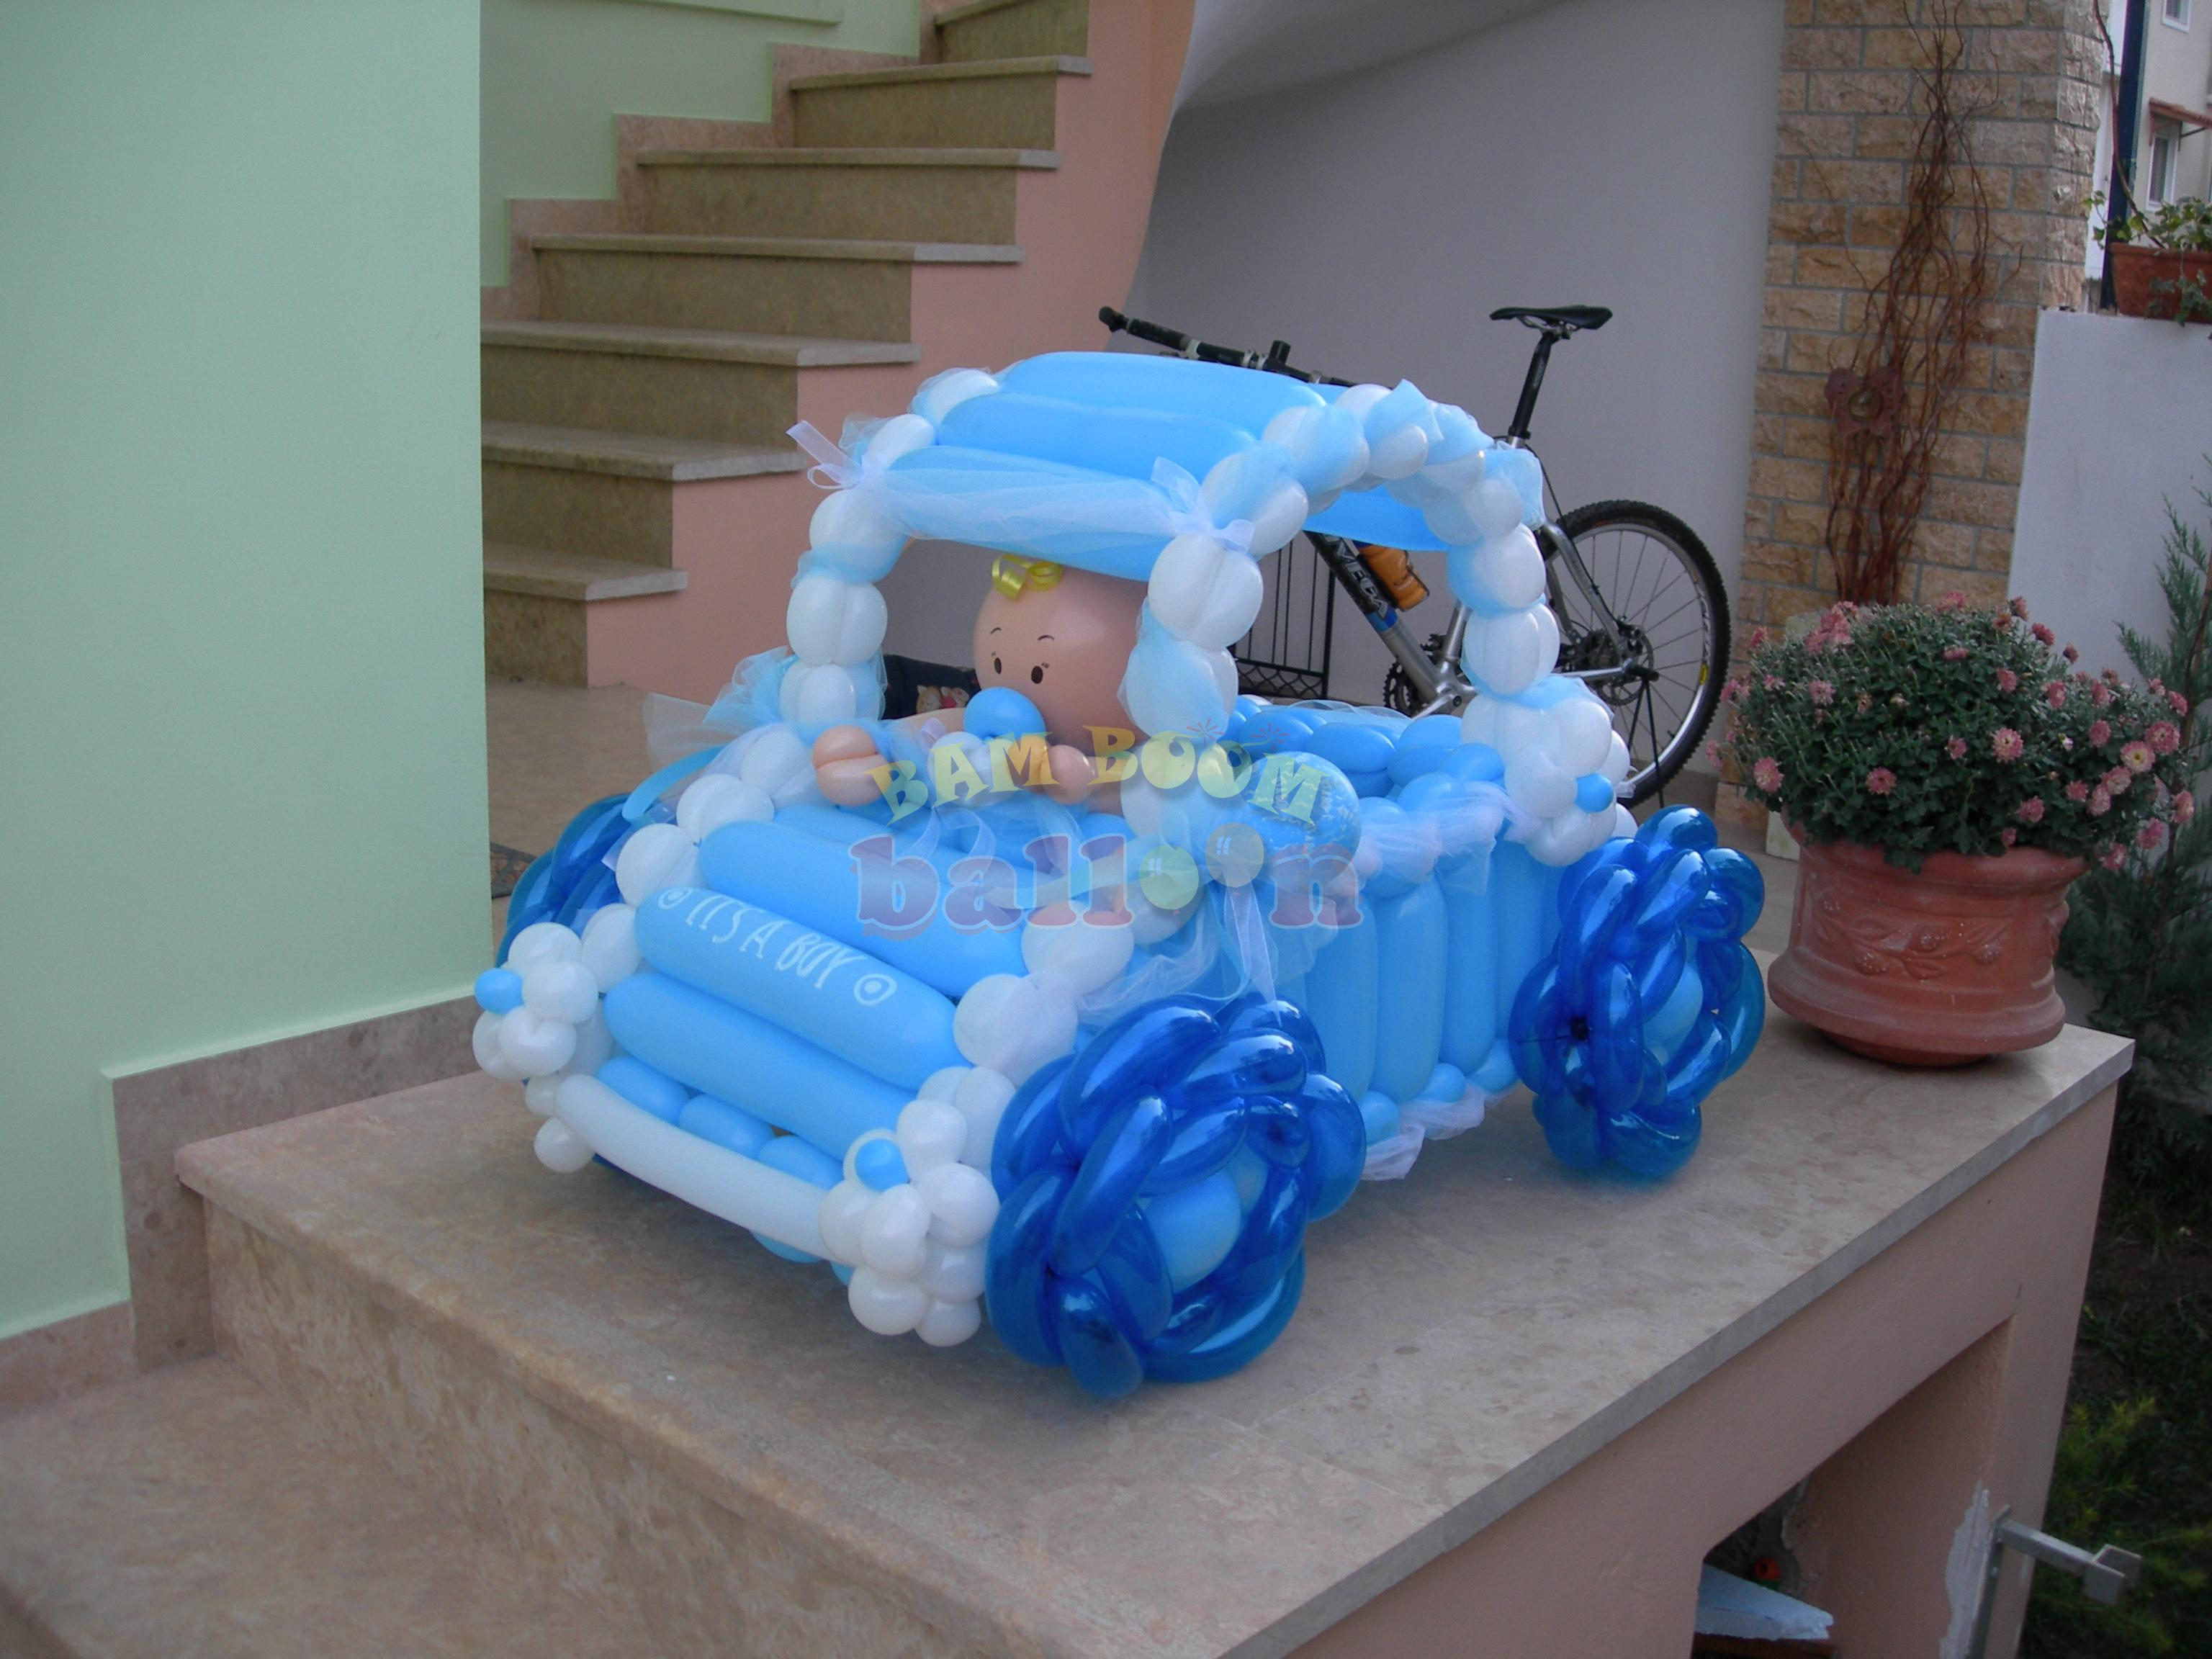 Αυτοκίνητο με μπαλόνια